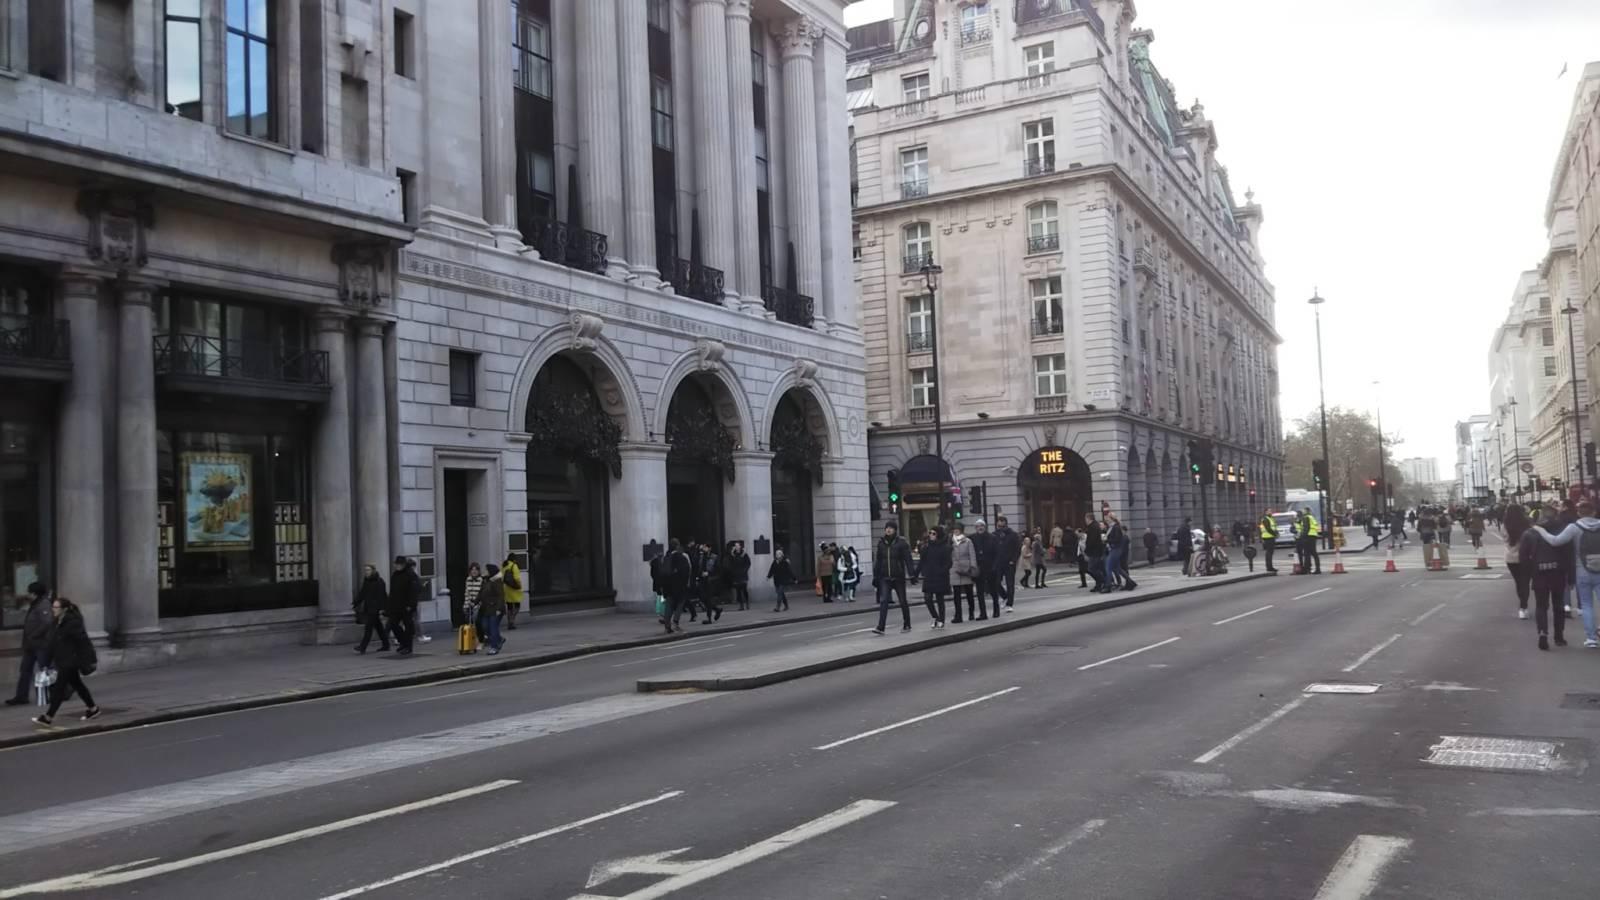 イギリス ロンドン、フランス ヴィシーオークション